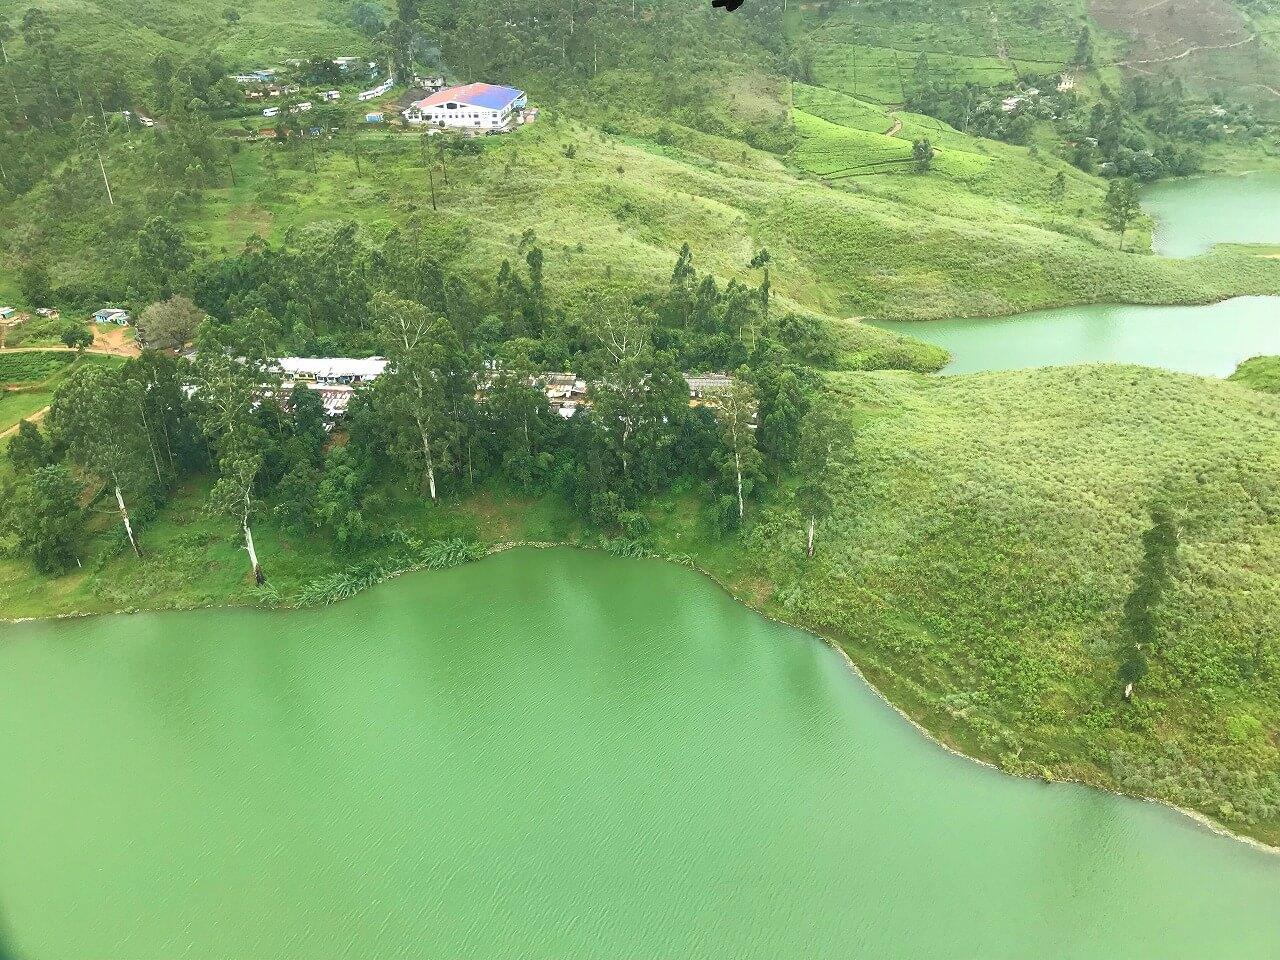 「セイロン紅茶」の国・スリランカ 湖畔に広がる茶畑